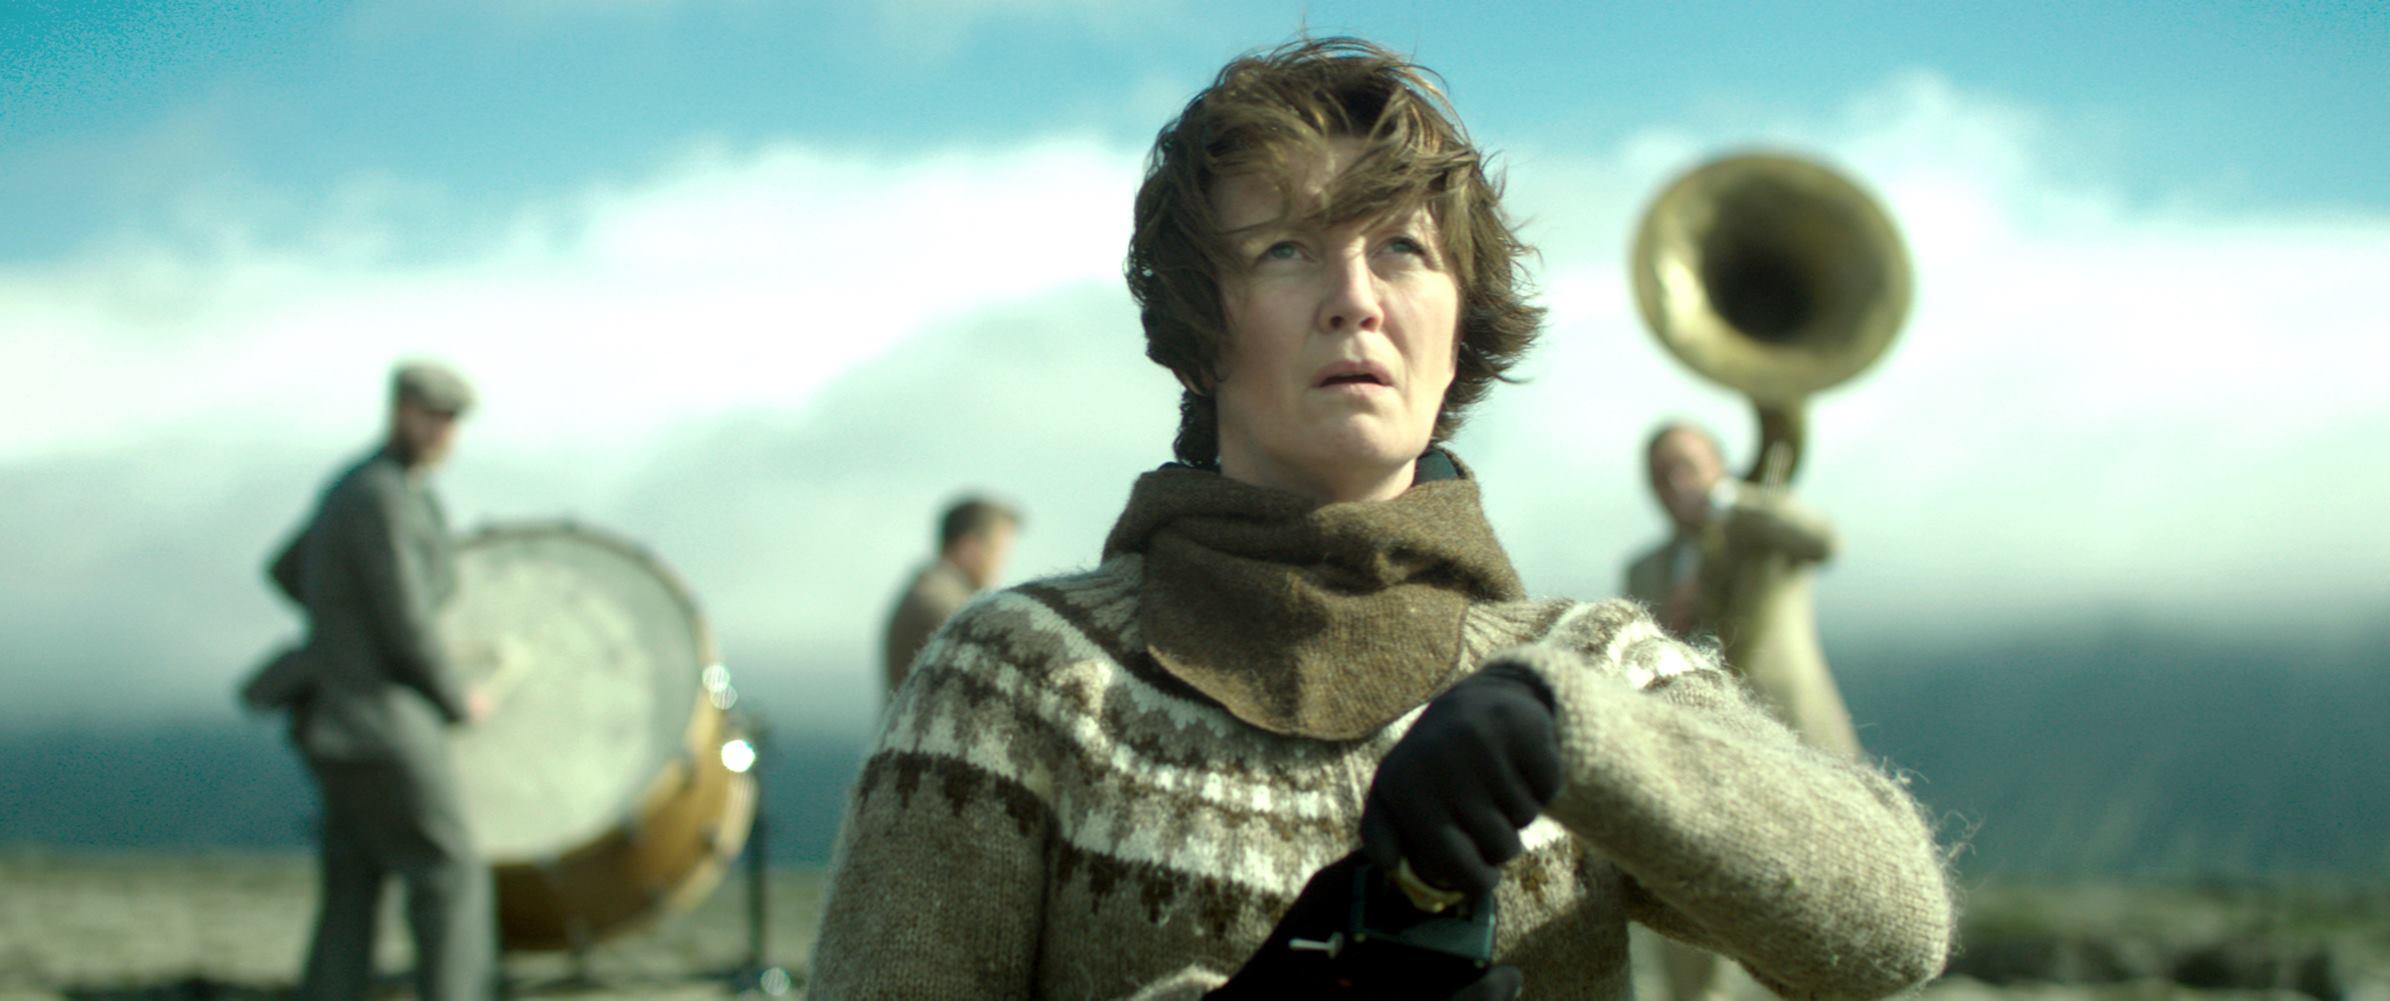 La donna elettrica: una scena del film con Halldóra Geirharðsdóttir